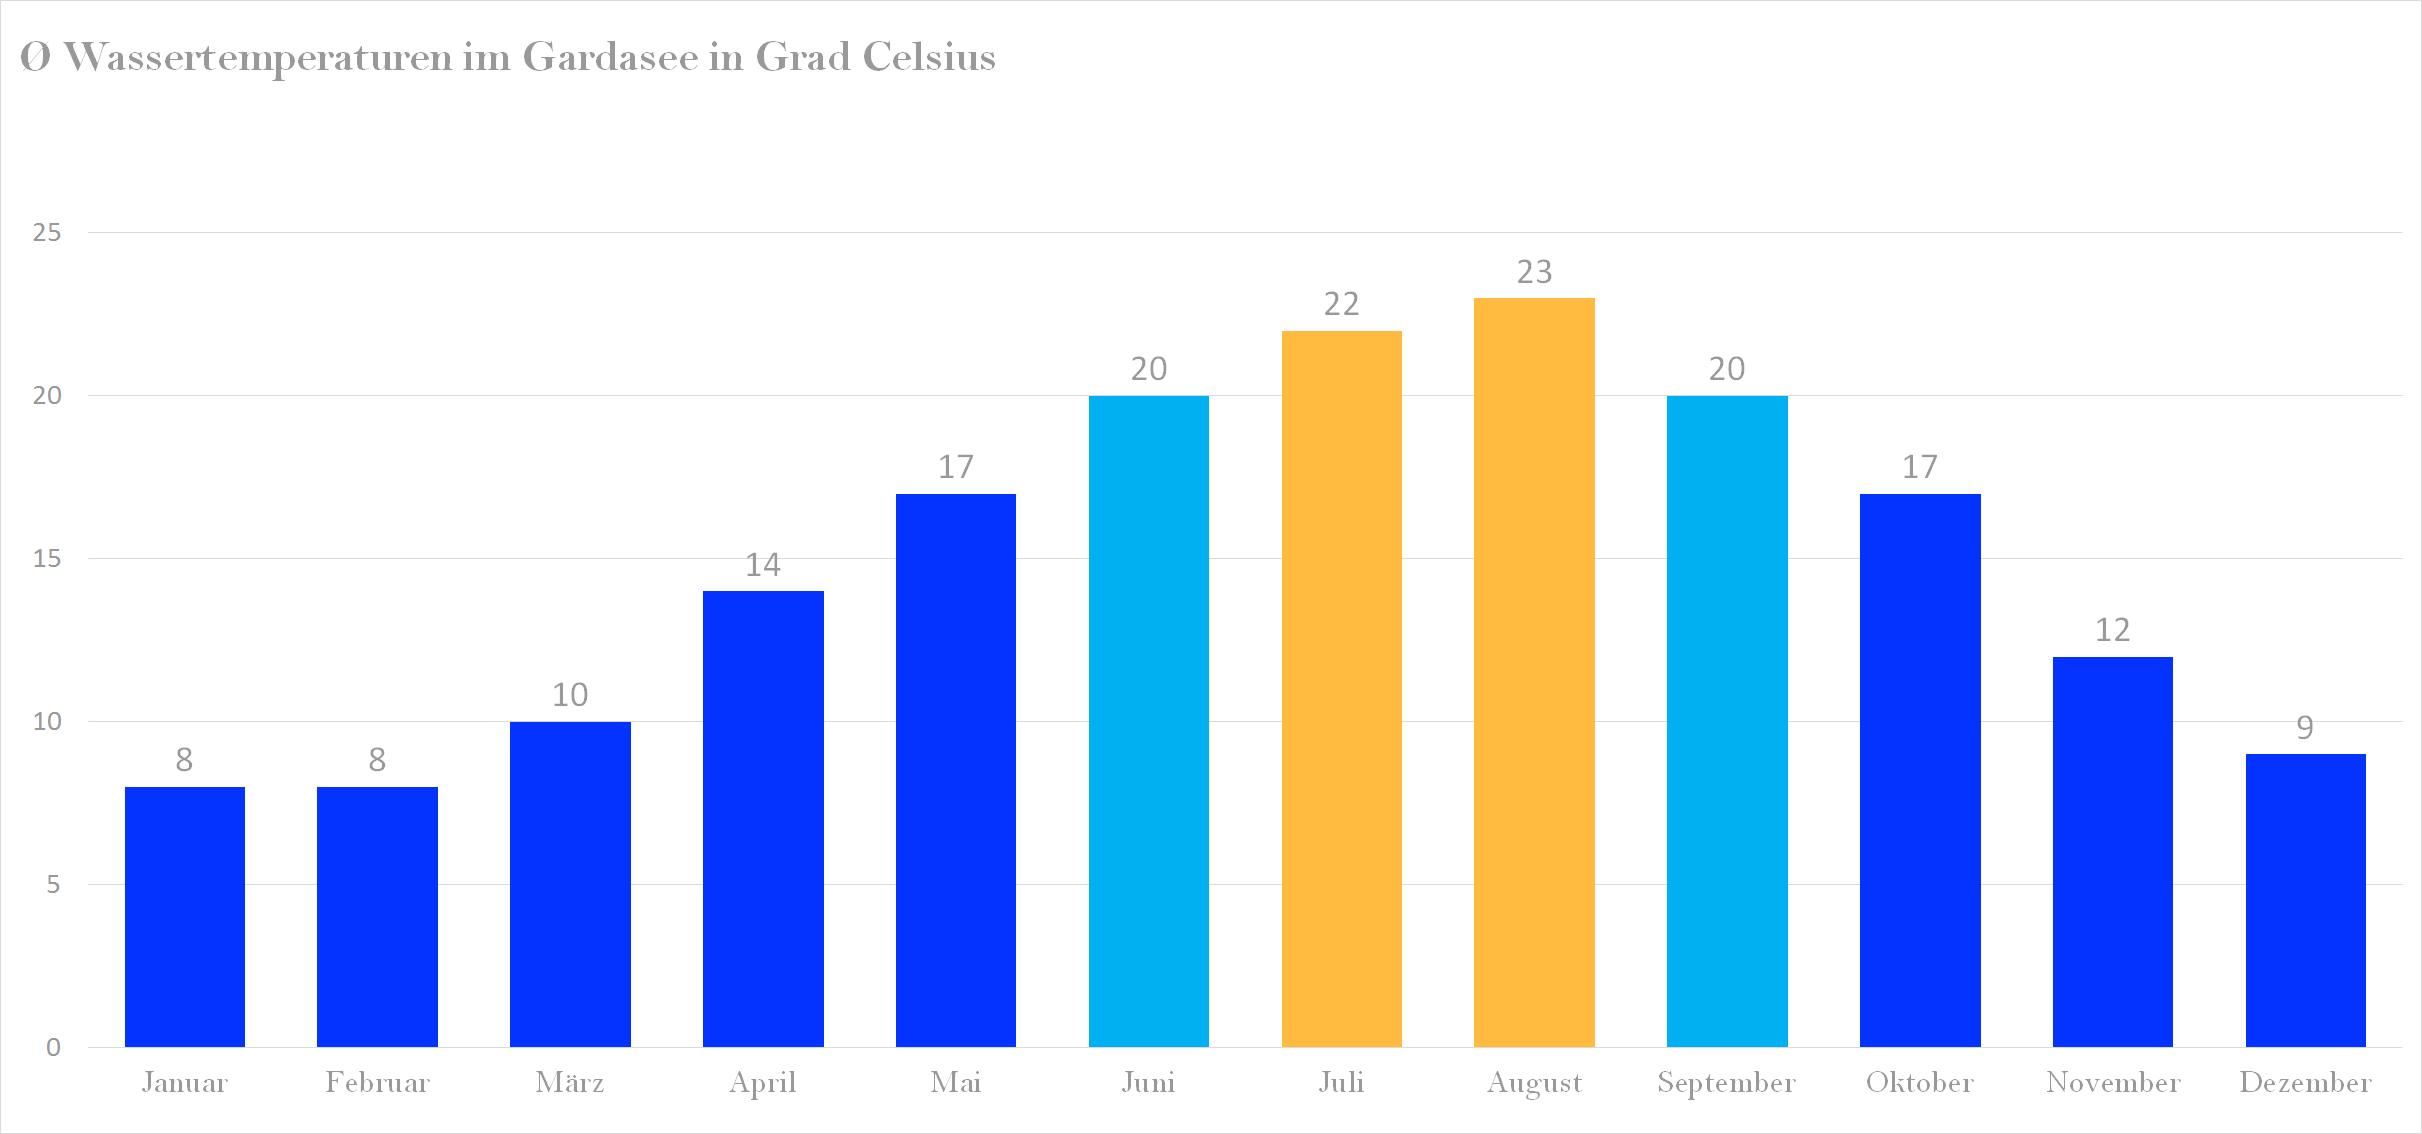 Durchschnittliche Wassertemperaturen im Gardasee nach Monaten